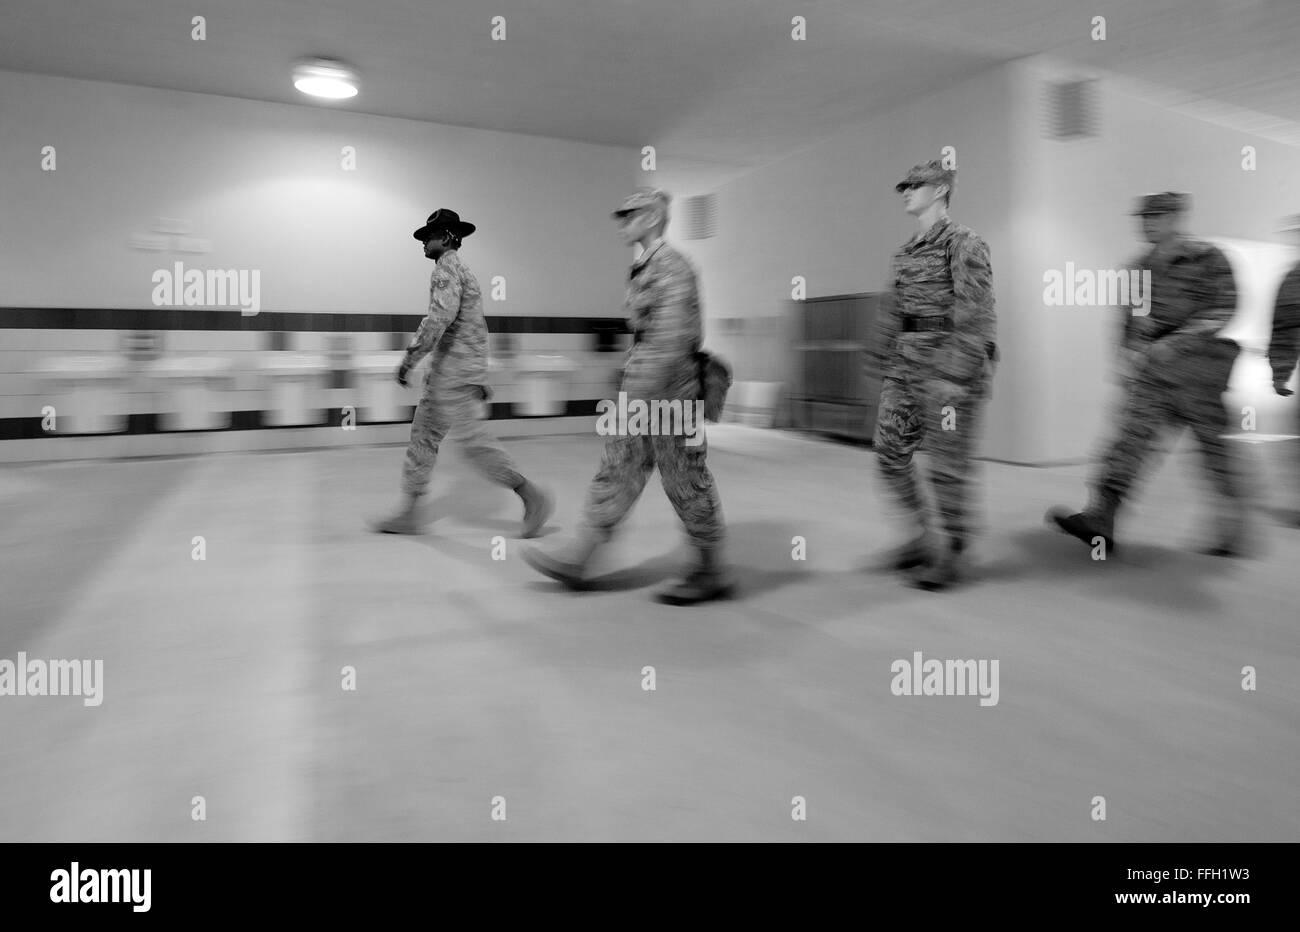 323Training Squadron, formazione militare istruttore, Tech. Sgt. Chananyah Stuart, affretta suoi partecipanti attraverso Immagini Stock